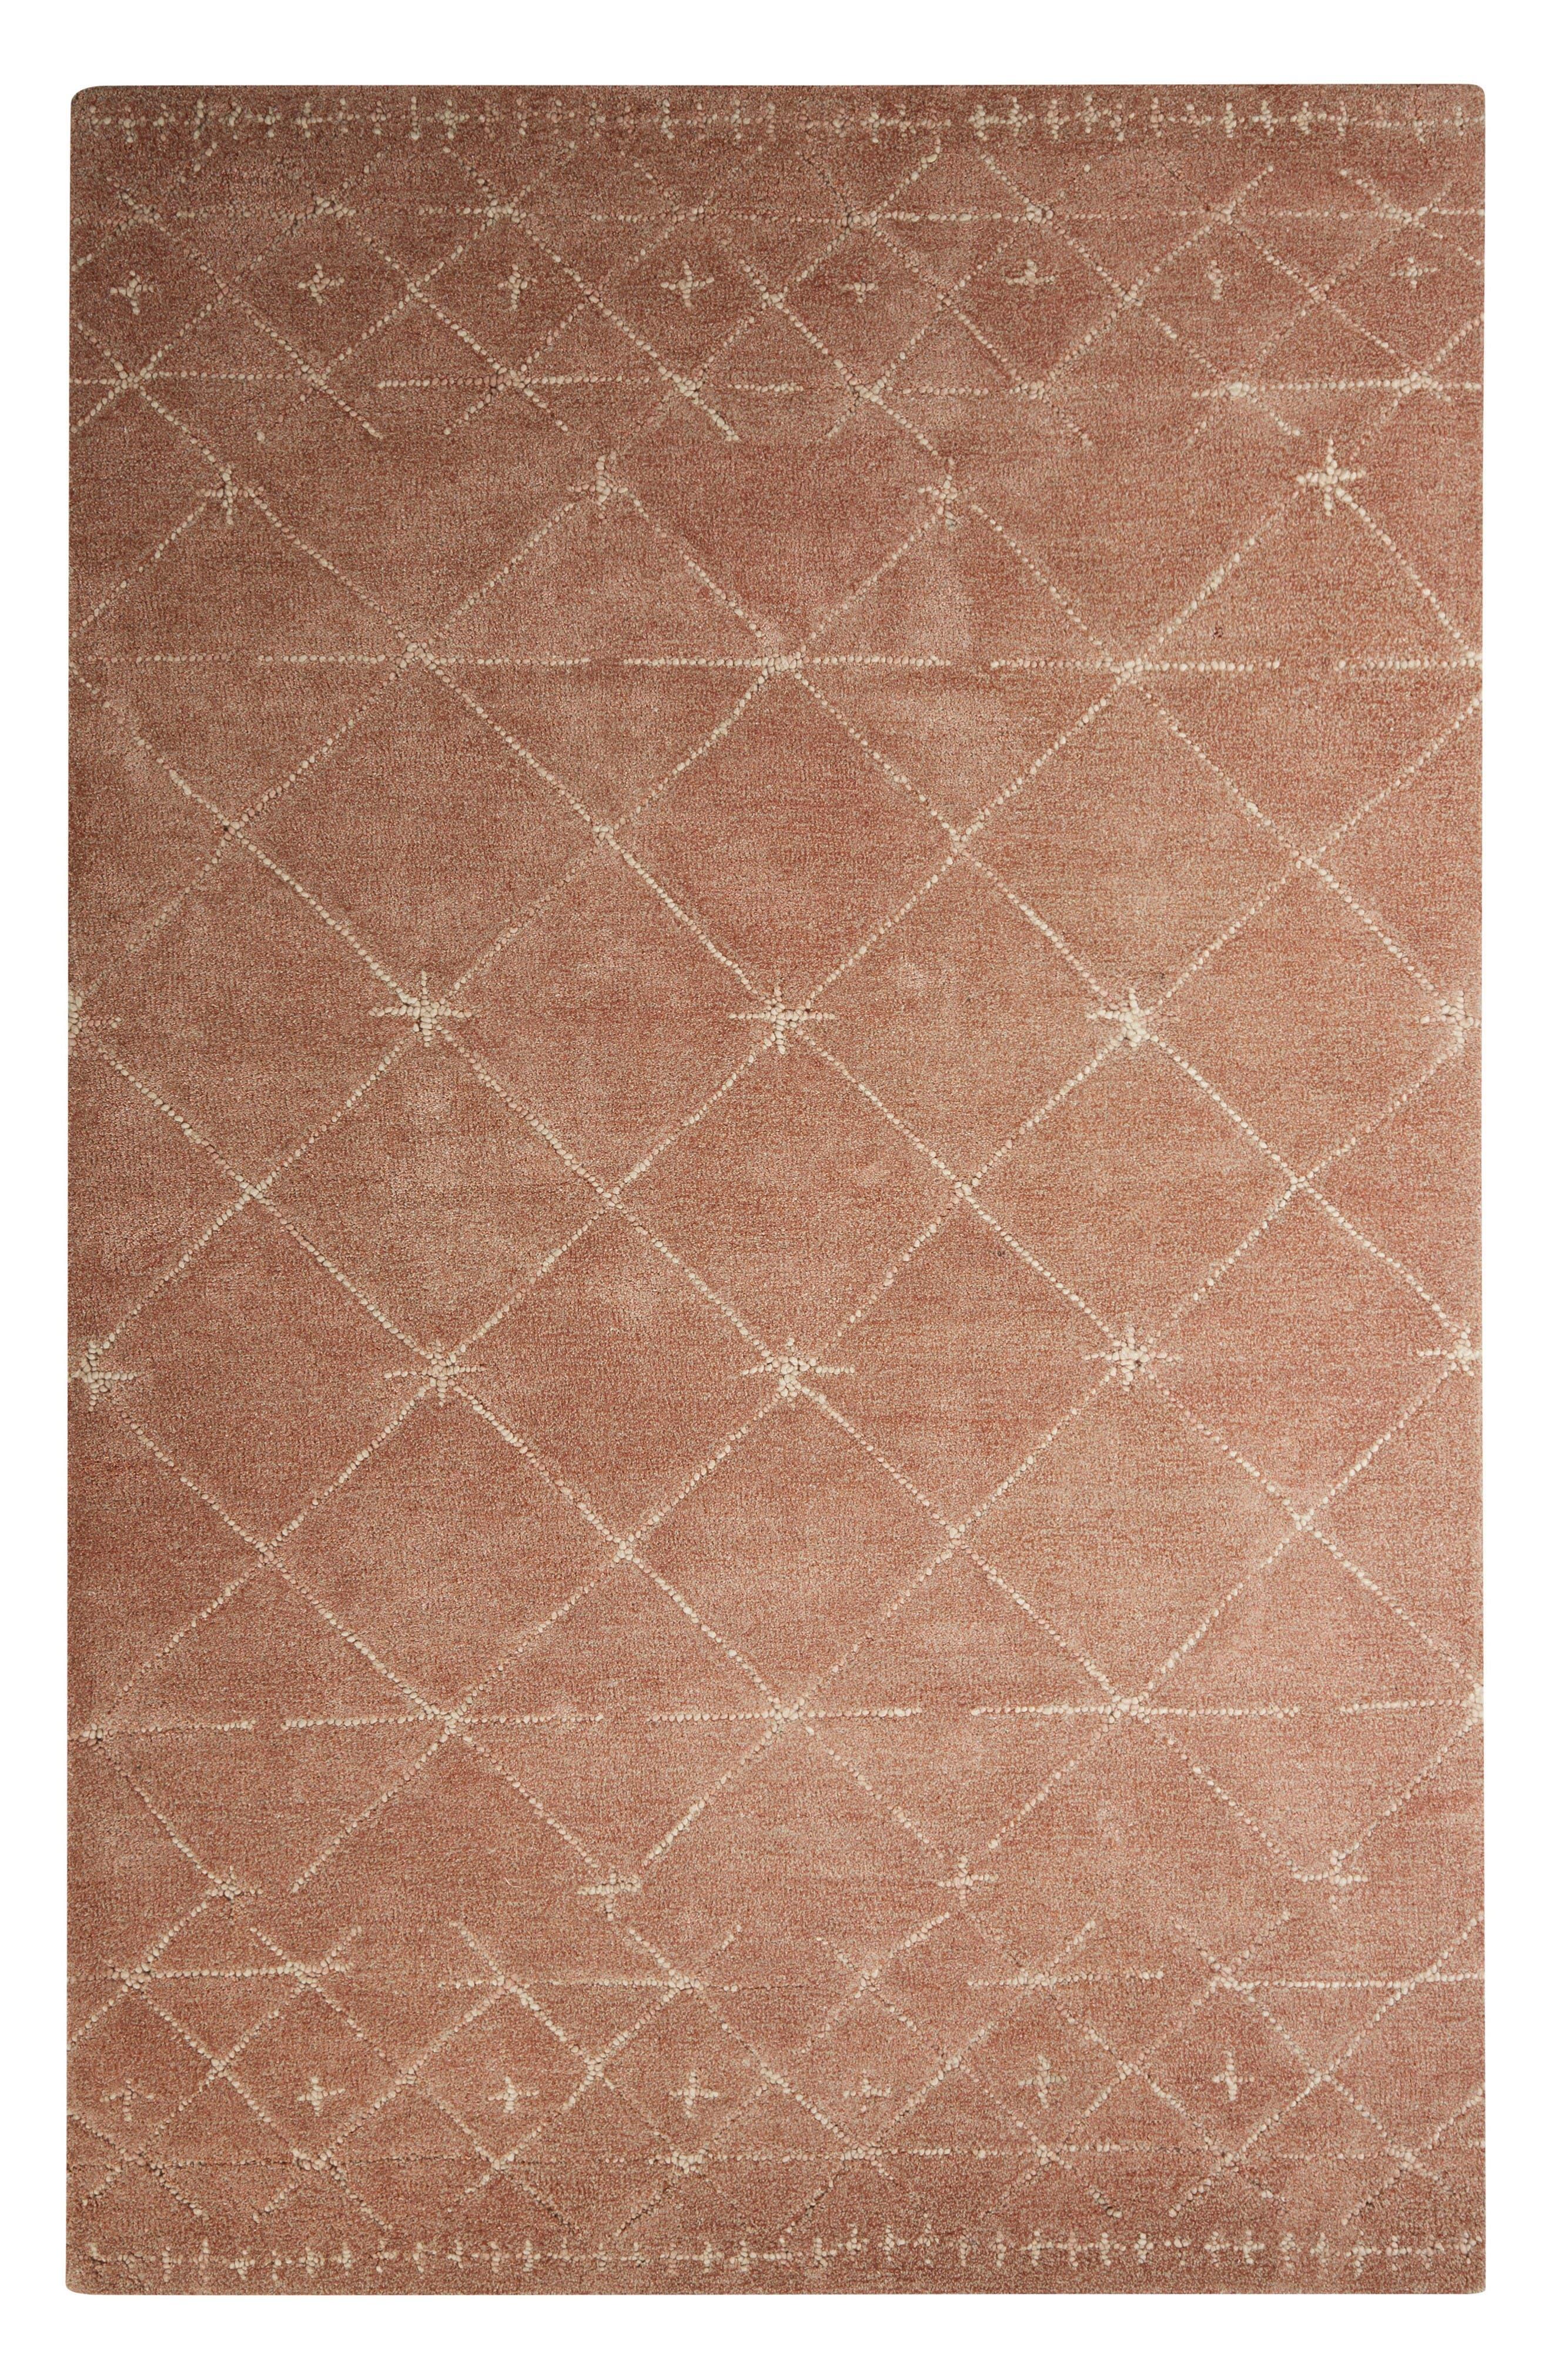 Vintage Blush Rug,                         Main,                         color, Natural